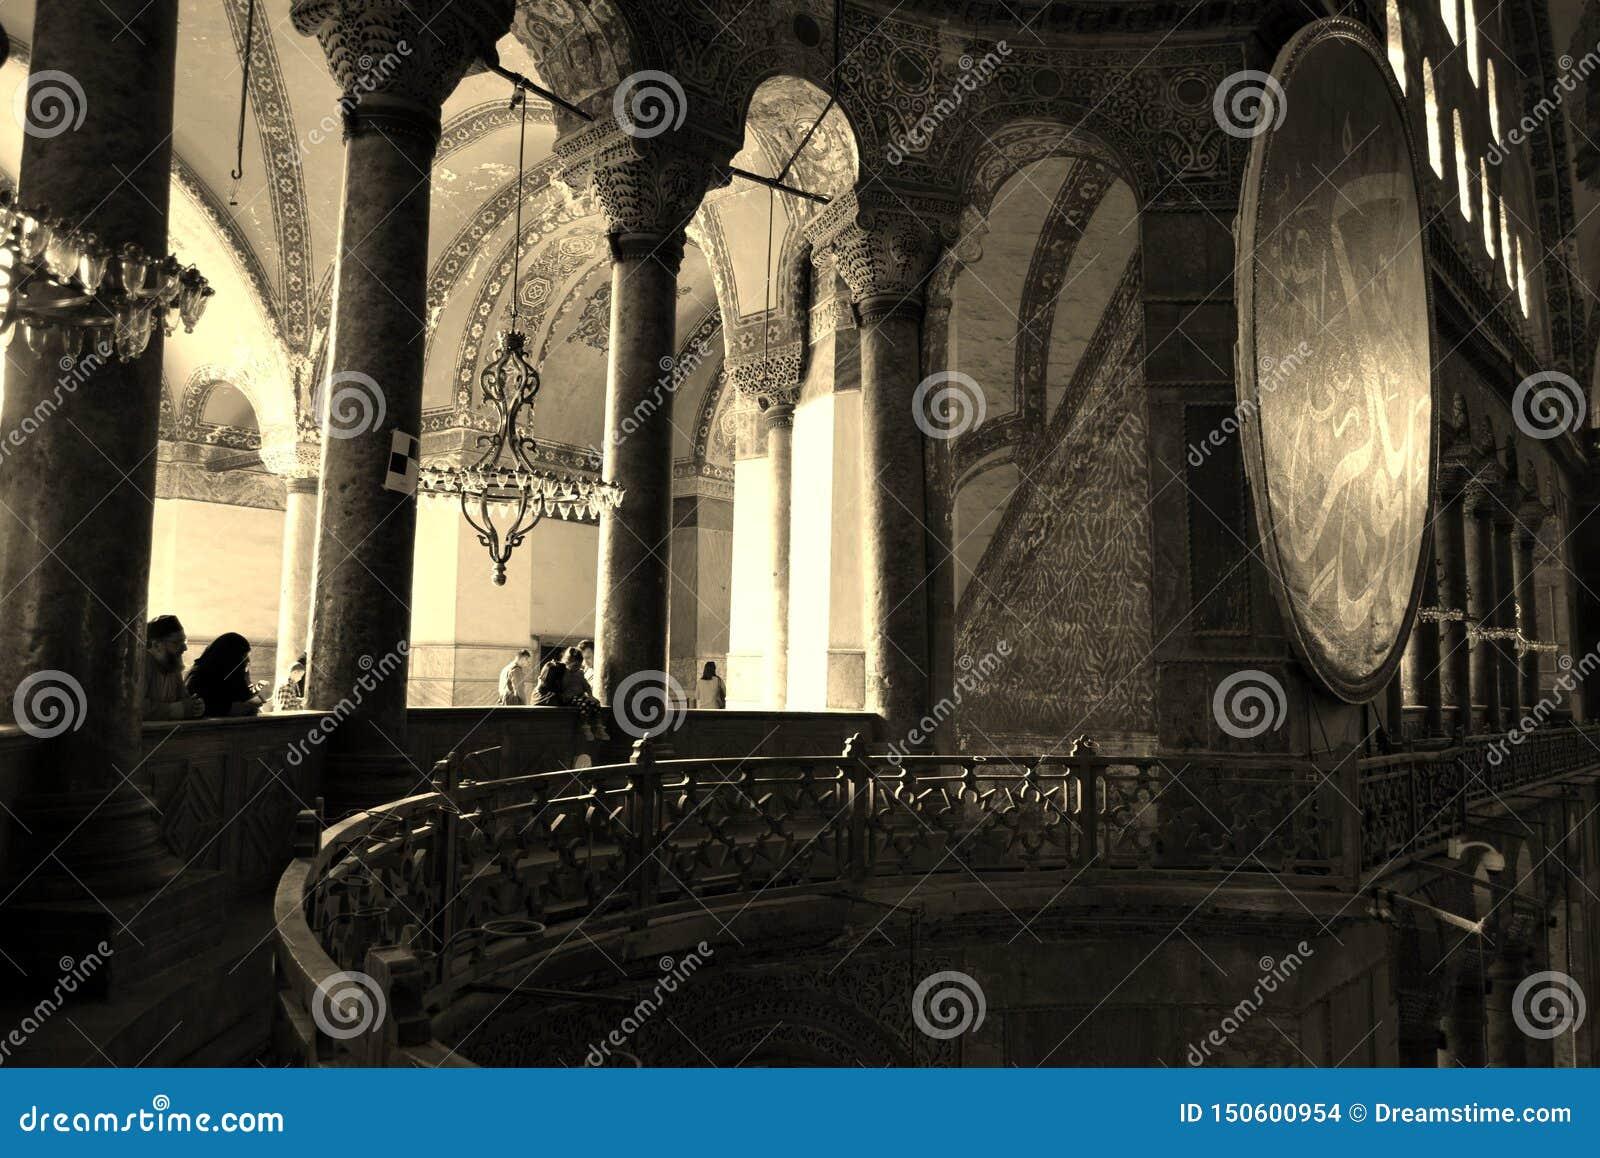 Istambul Hagia Sophia